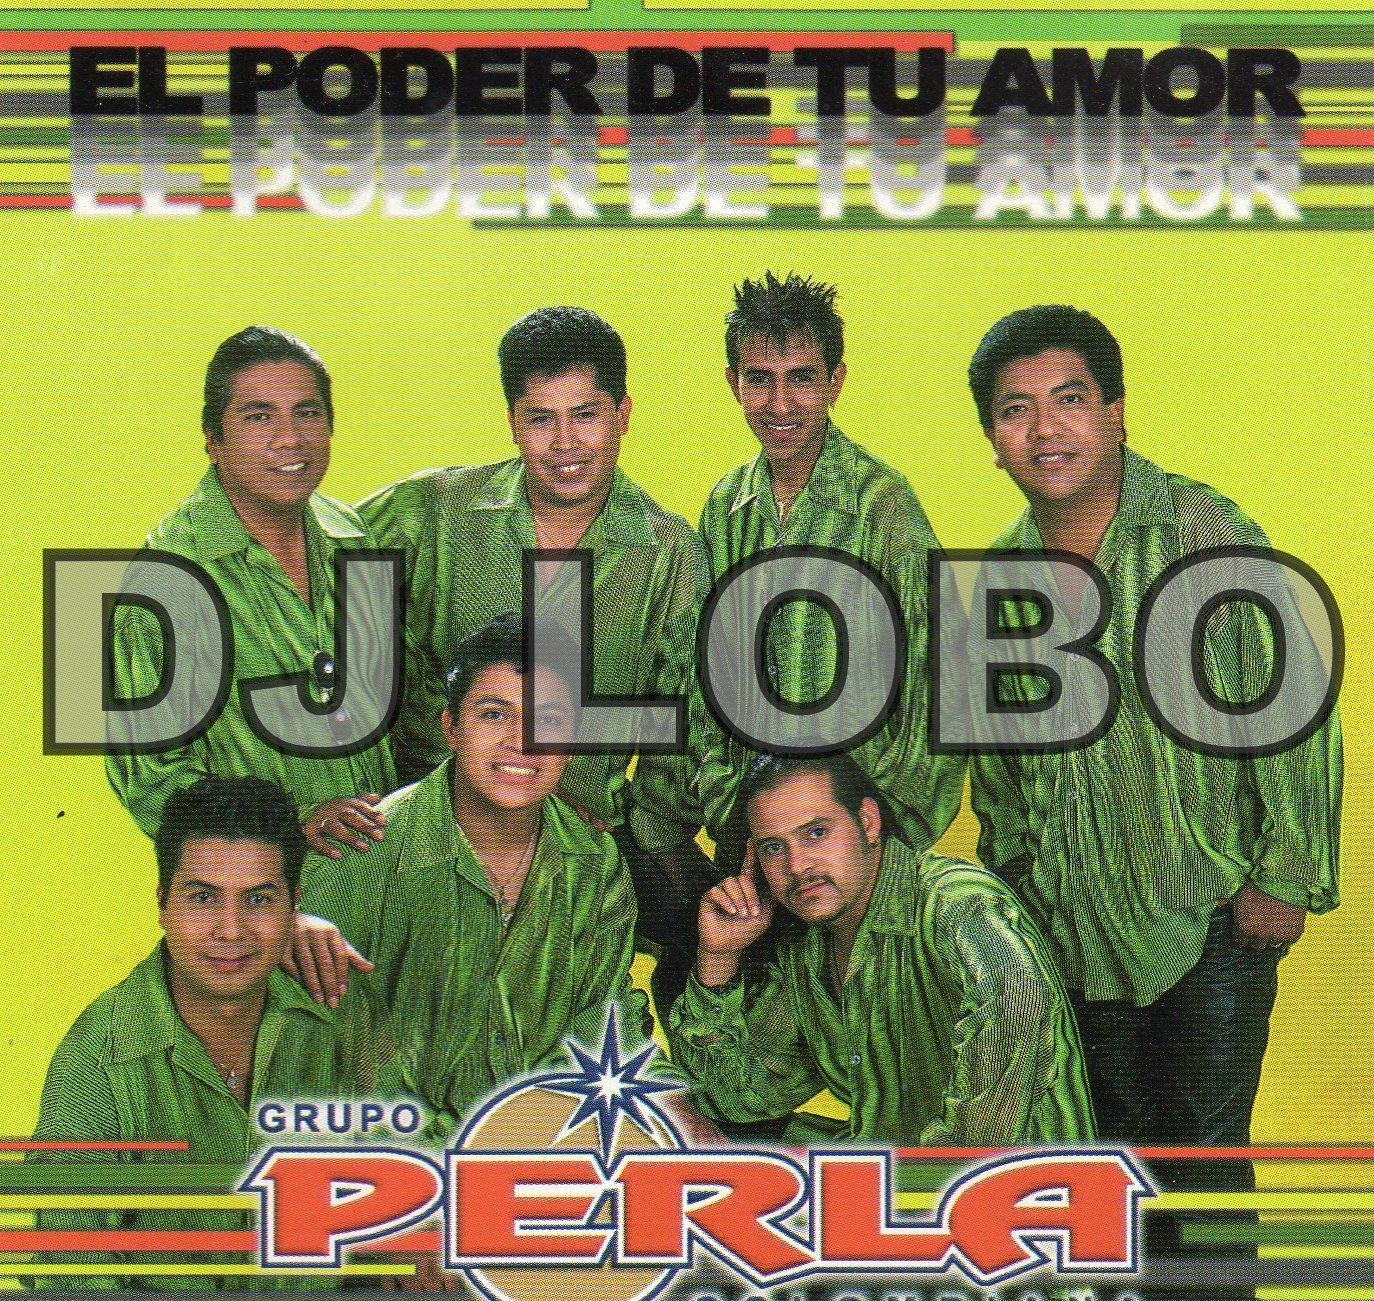 nuevo autentico linda nuevos especiales DISCOS DJ LOBO: GRUPO PERLA COLOMBIANA - EL PODER DE TU AMOR